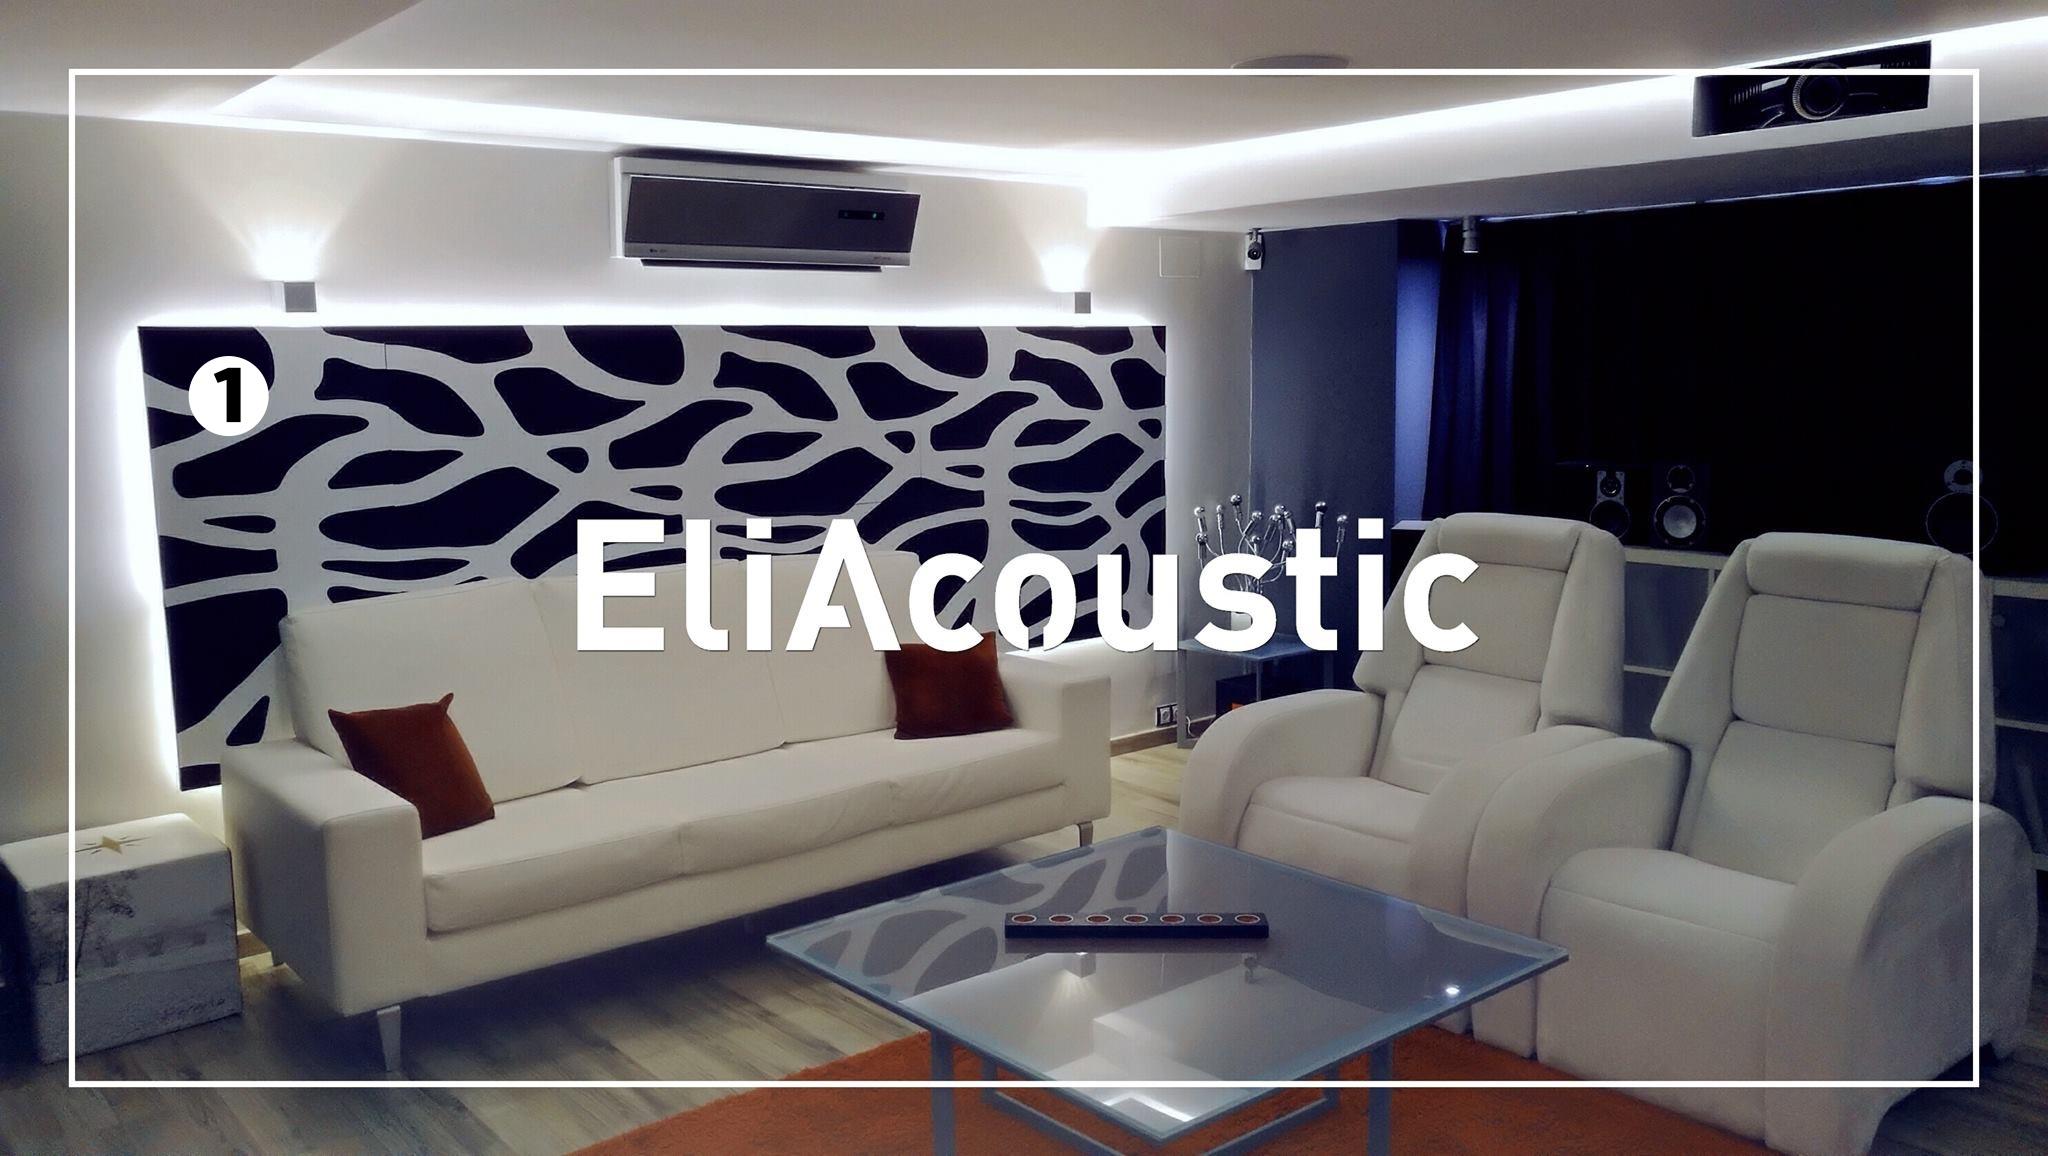 paneles acusticos decorativos pared en home-cinema